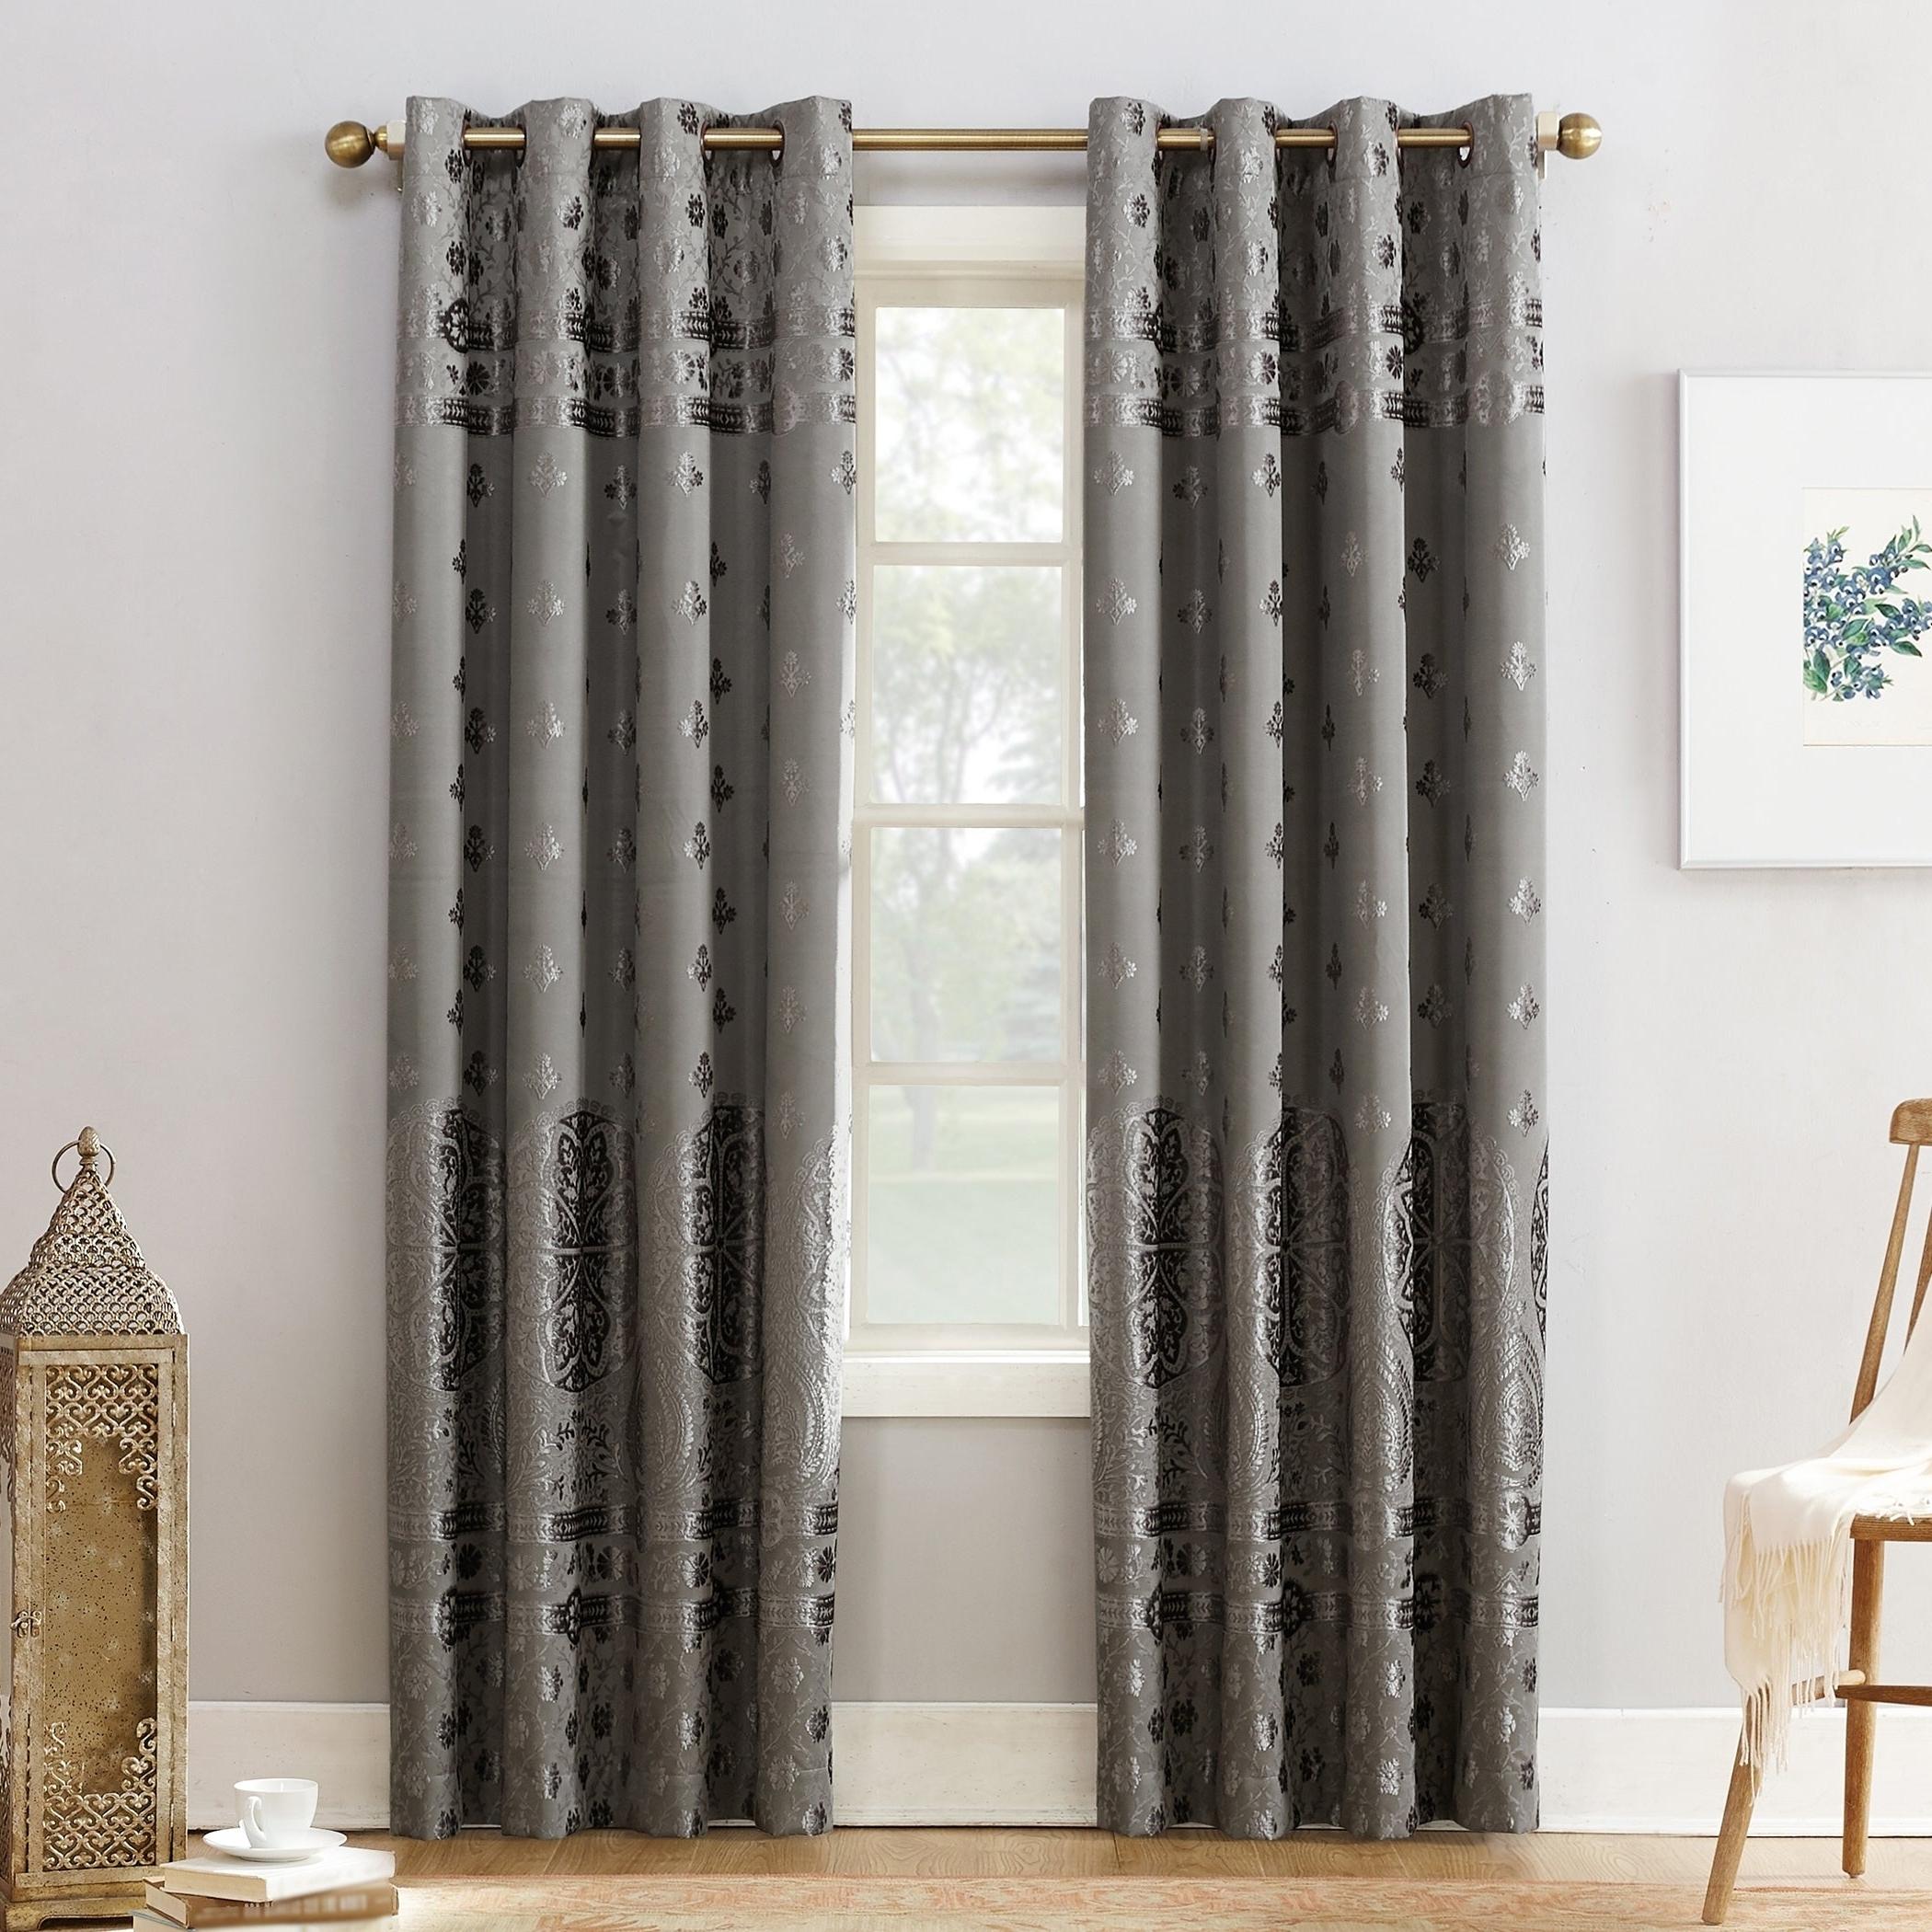 Velvet Heavyweight Grommet Top Curtain Panel Pairs For Well Known Sun Zero Elidah Velvet Medallion Blackout Grommet Curtain Panel (View 14 of 20)